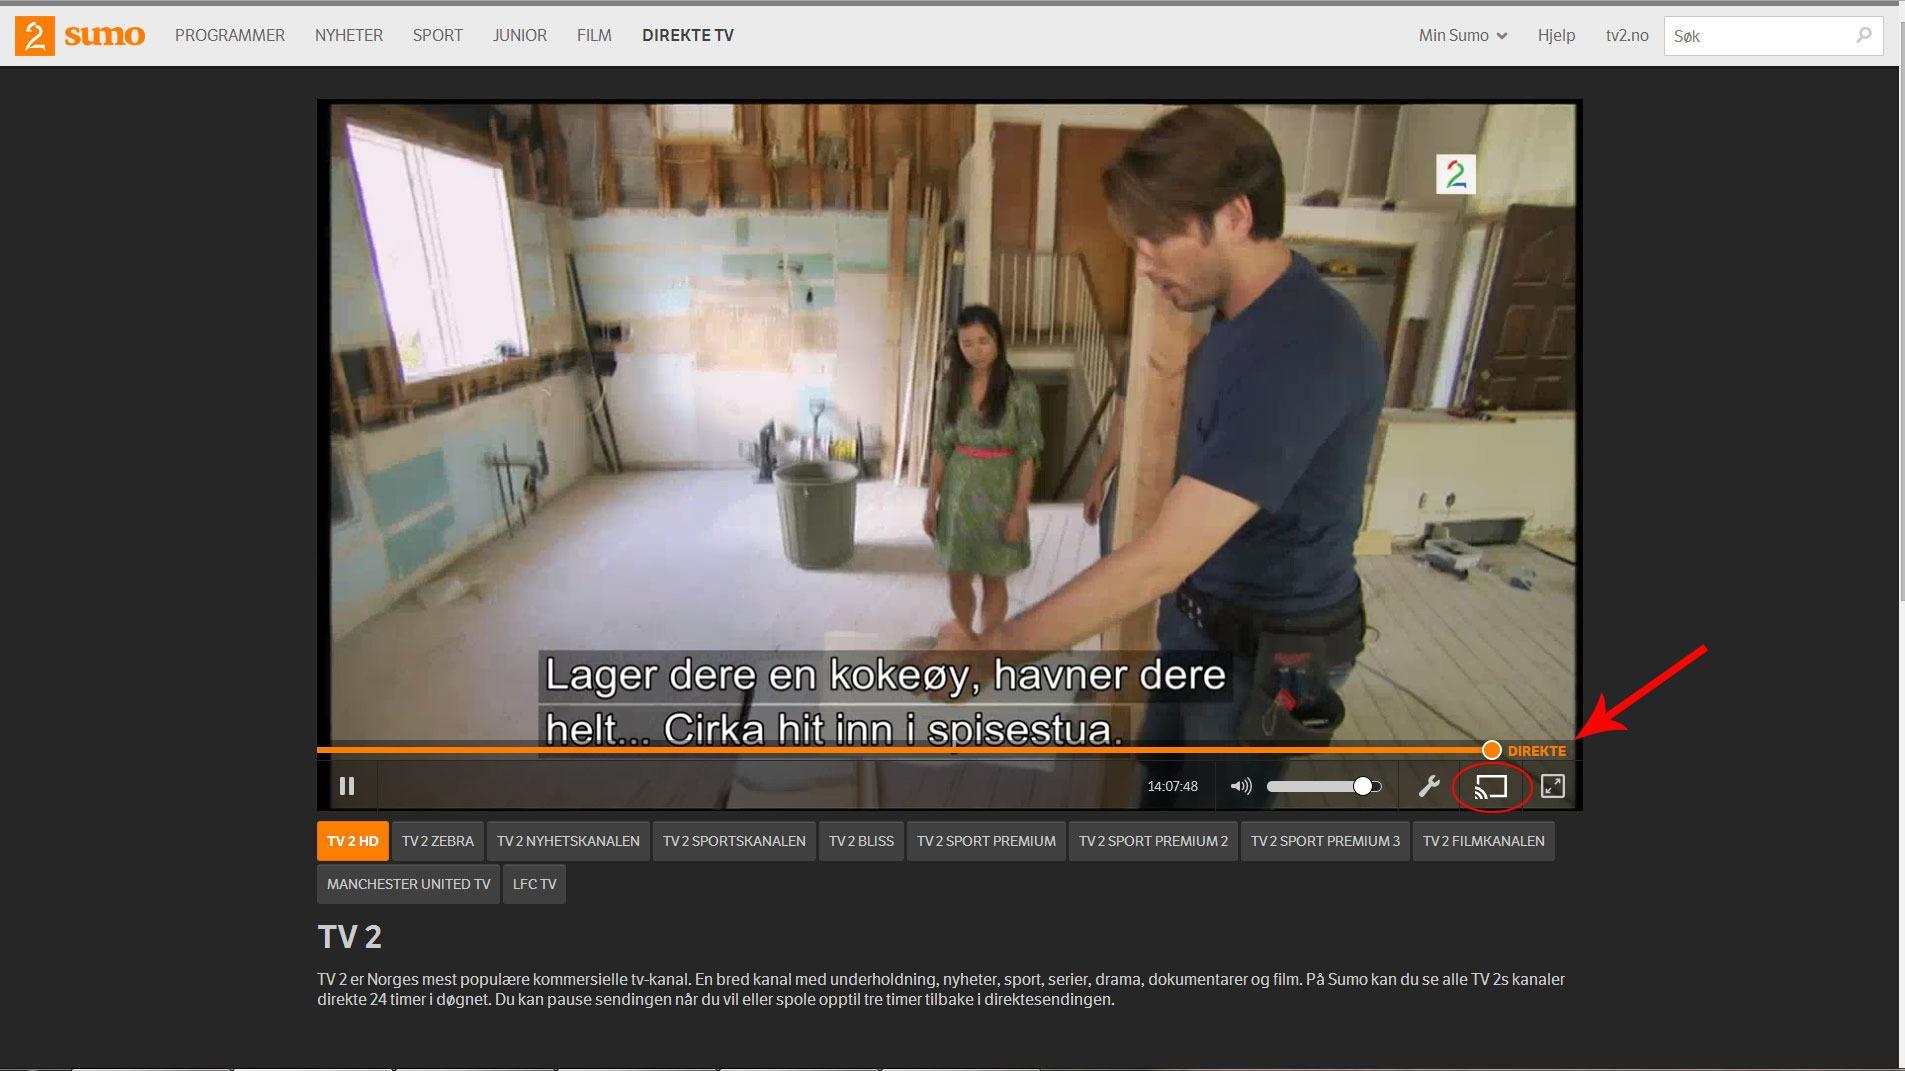 Sumo kan brukes med Chromecast. Klikk på ikonet så sendes innholdet over til TV-en din.Foto: Ole Henrik Johansen / Hardware.no